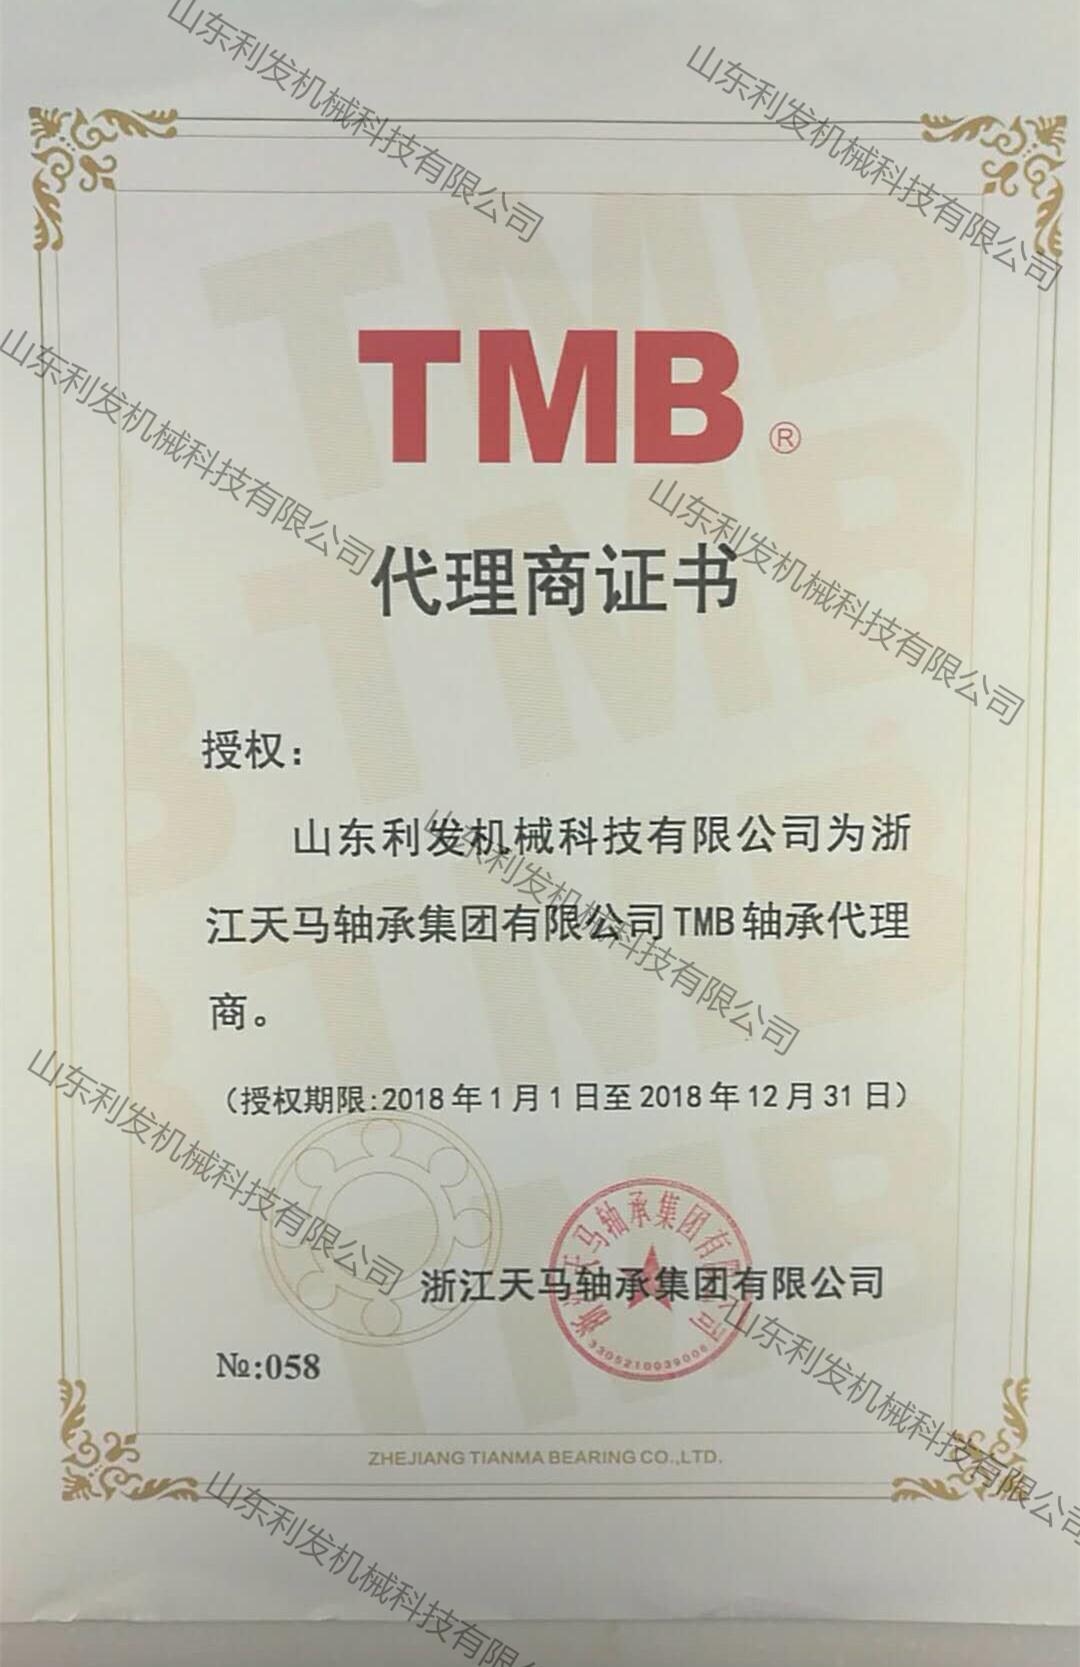 2018TMB授权书